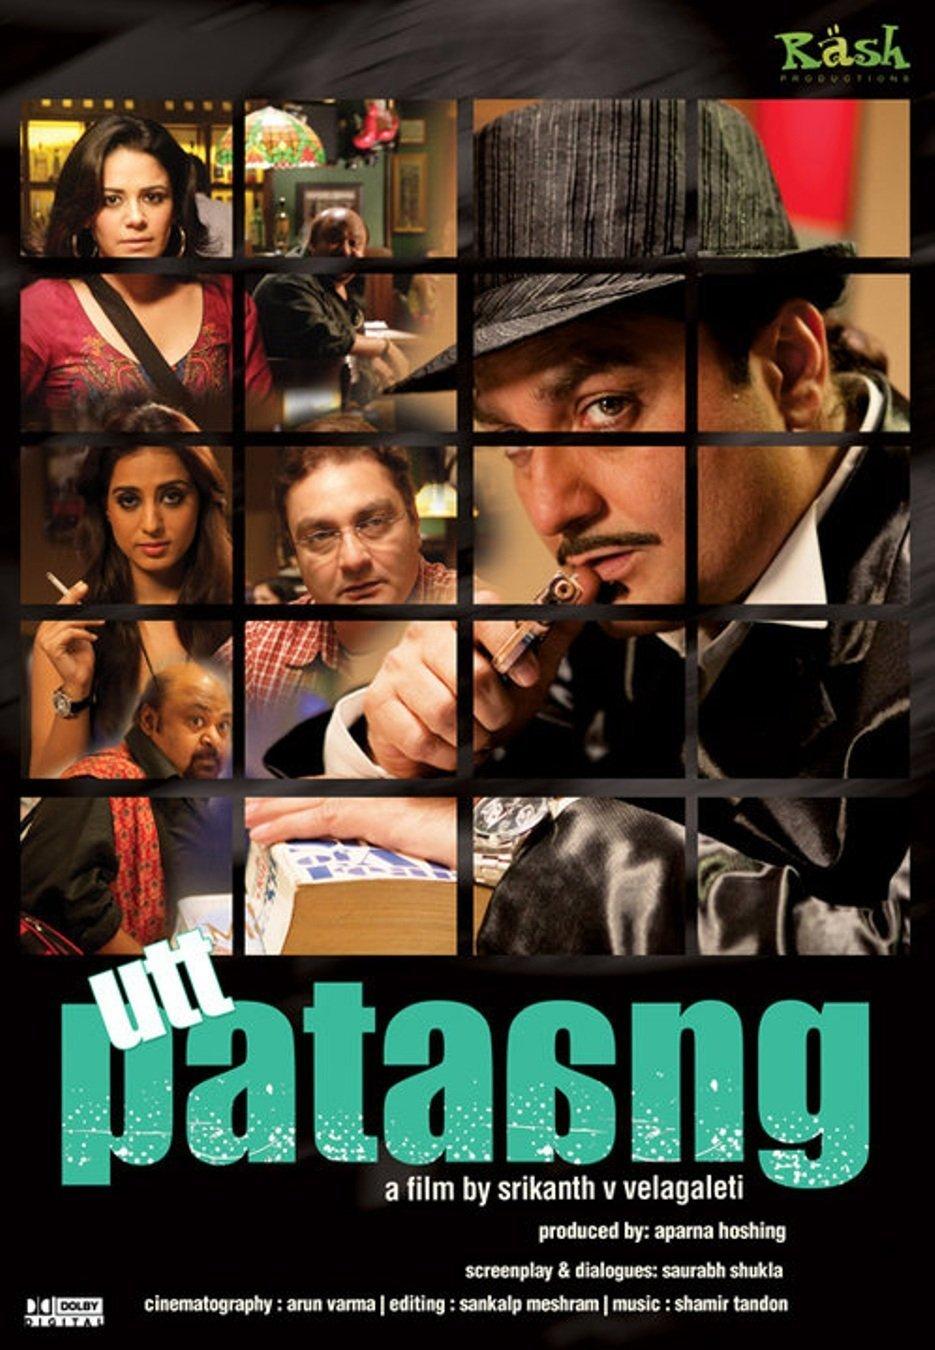 Utt Pataang Movie Poster